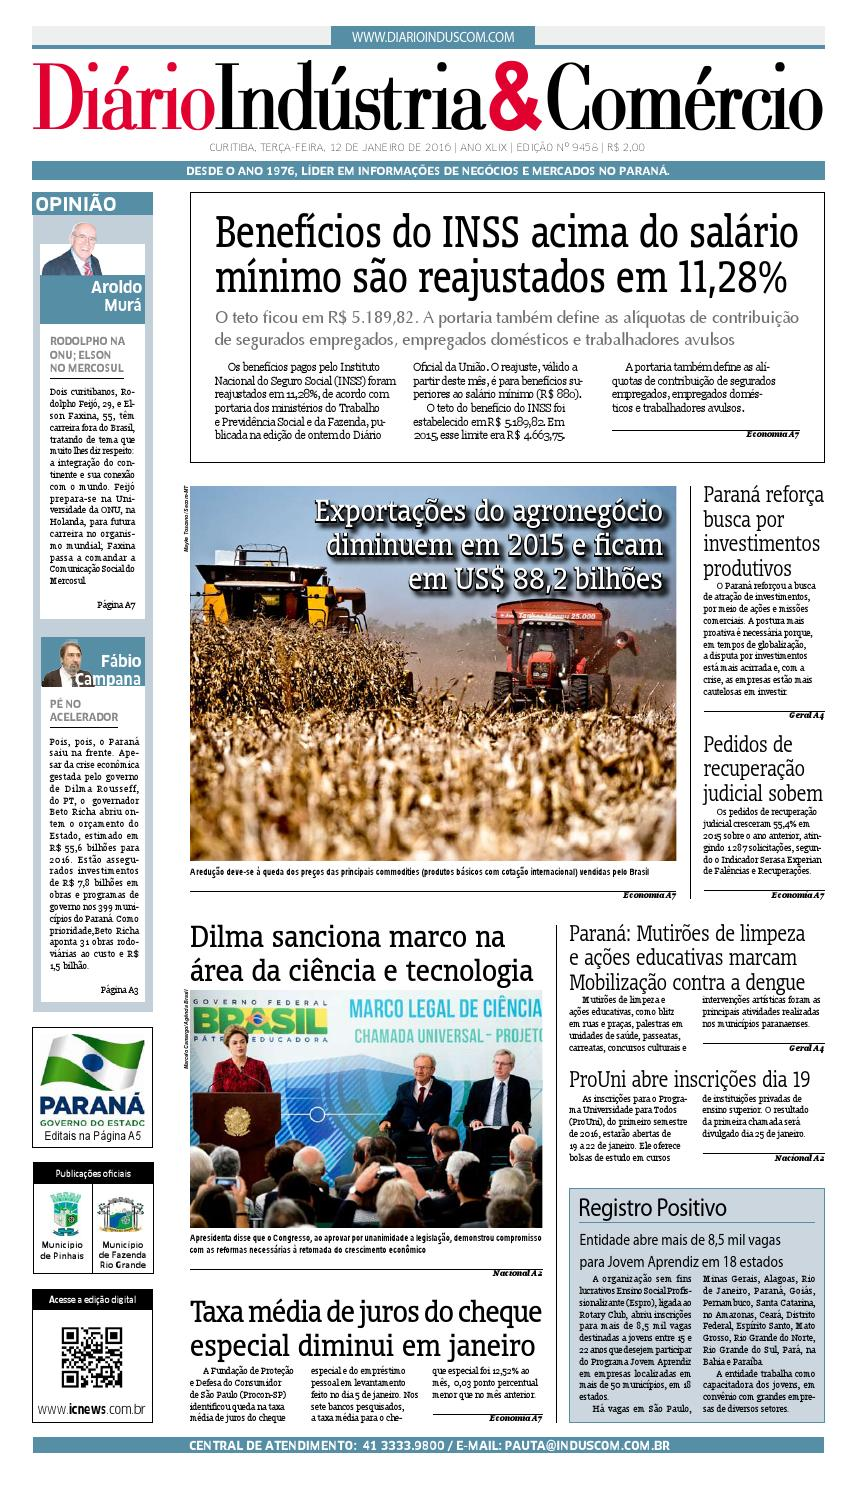 Diário Indústria Comércio - 12 de janeiro de 2016 by Diário Indústria    Comércio - issuu 7de5fd7ec1